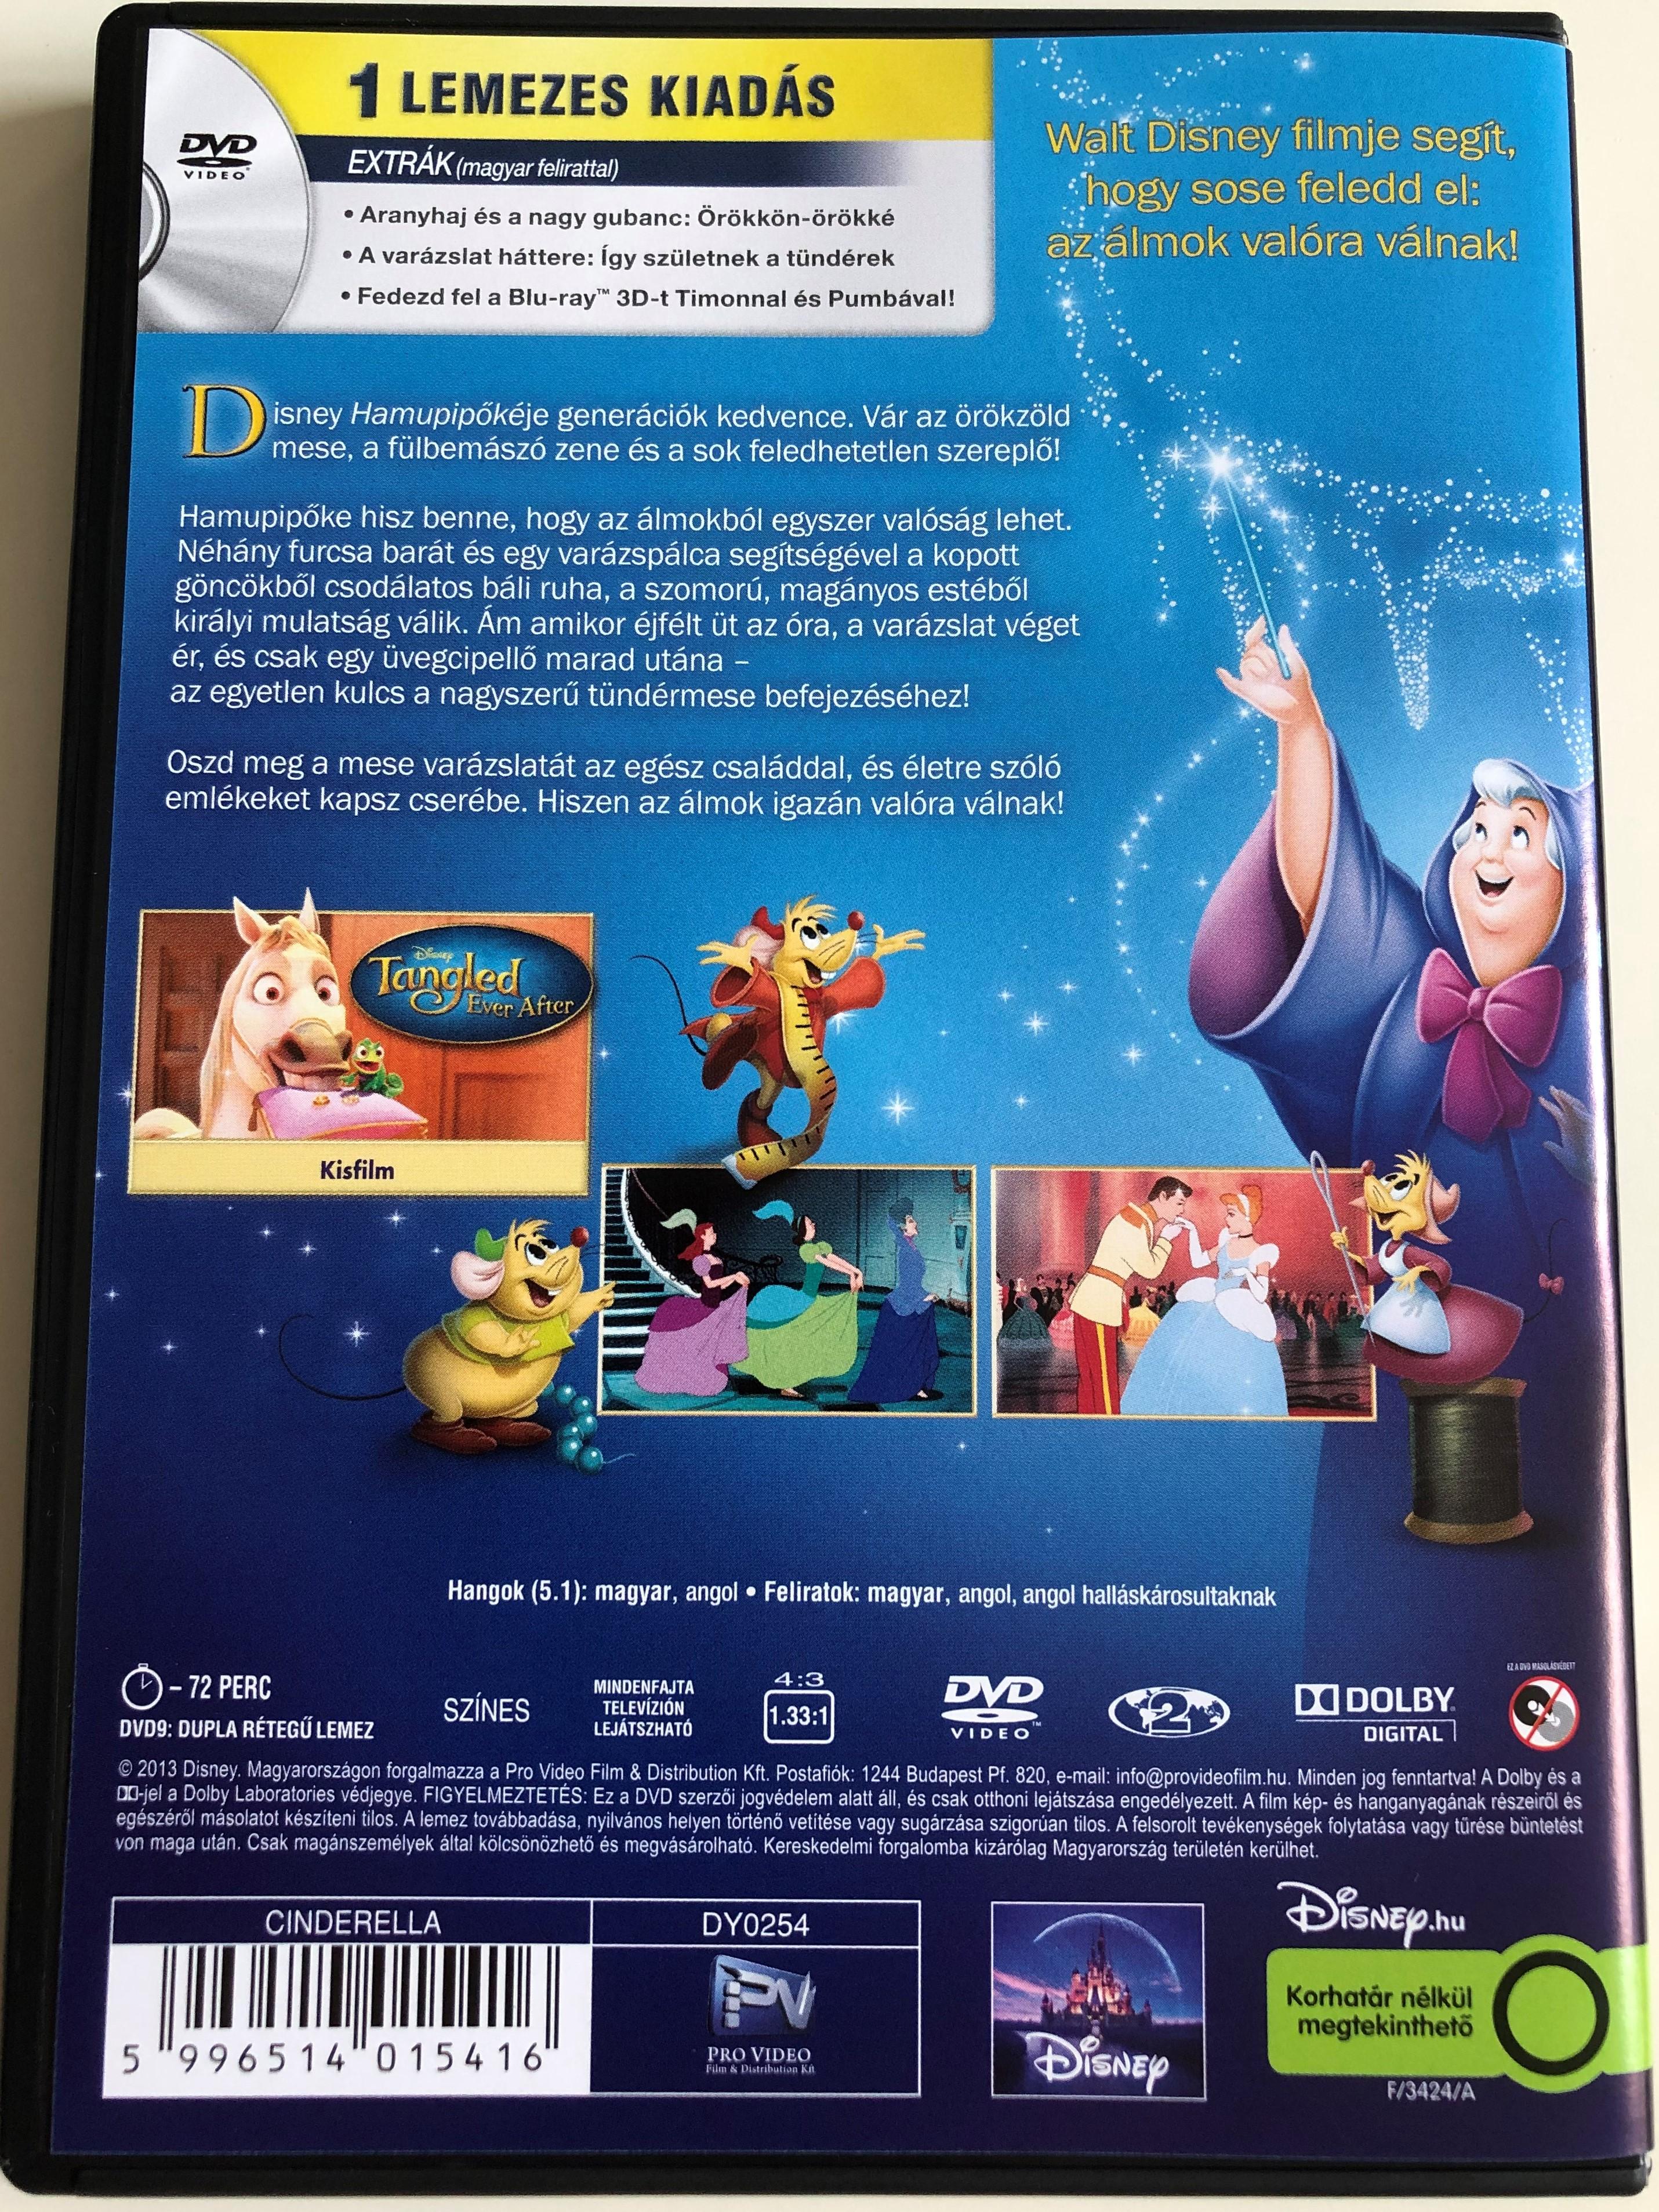 cinderella-dvd-2013-hamupip-ke-directors-clyde-geronimi-hamilton-luske-wilfred-jackson-produced-by-walt-disney-2-.jpg